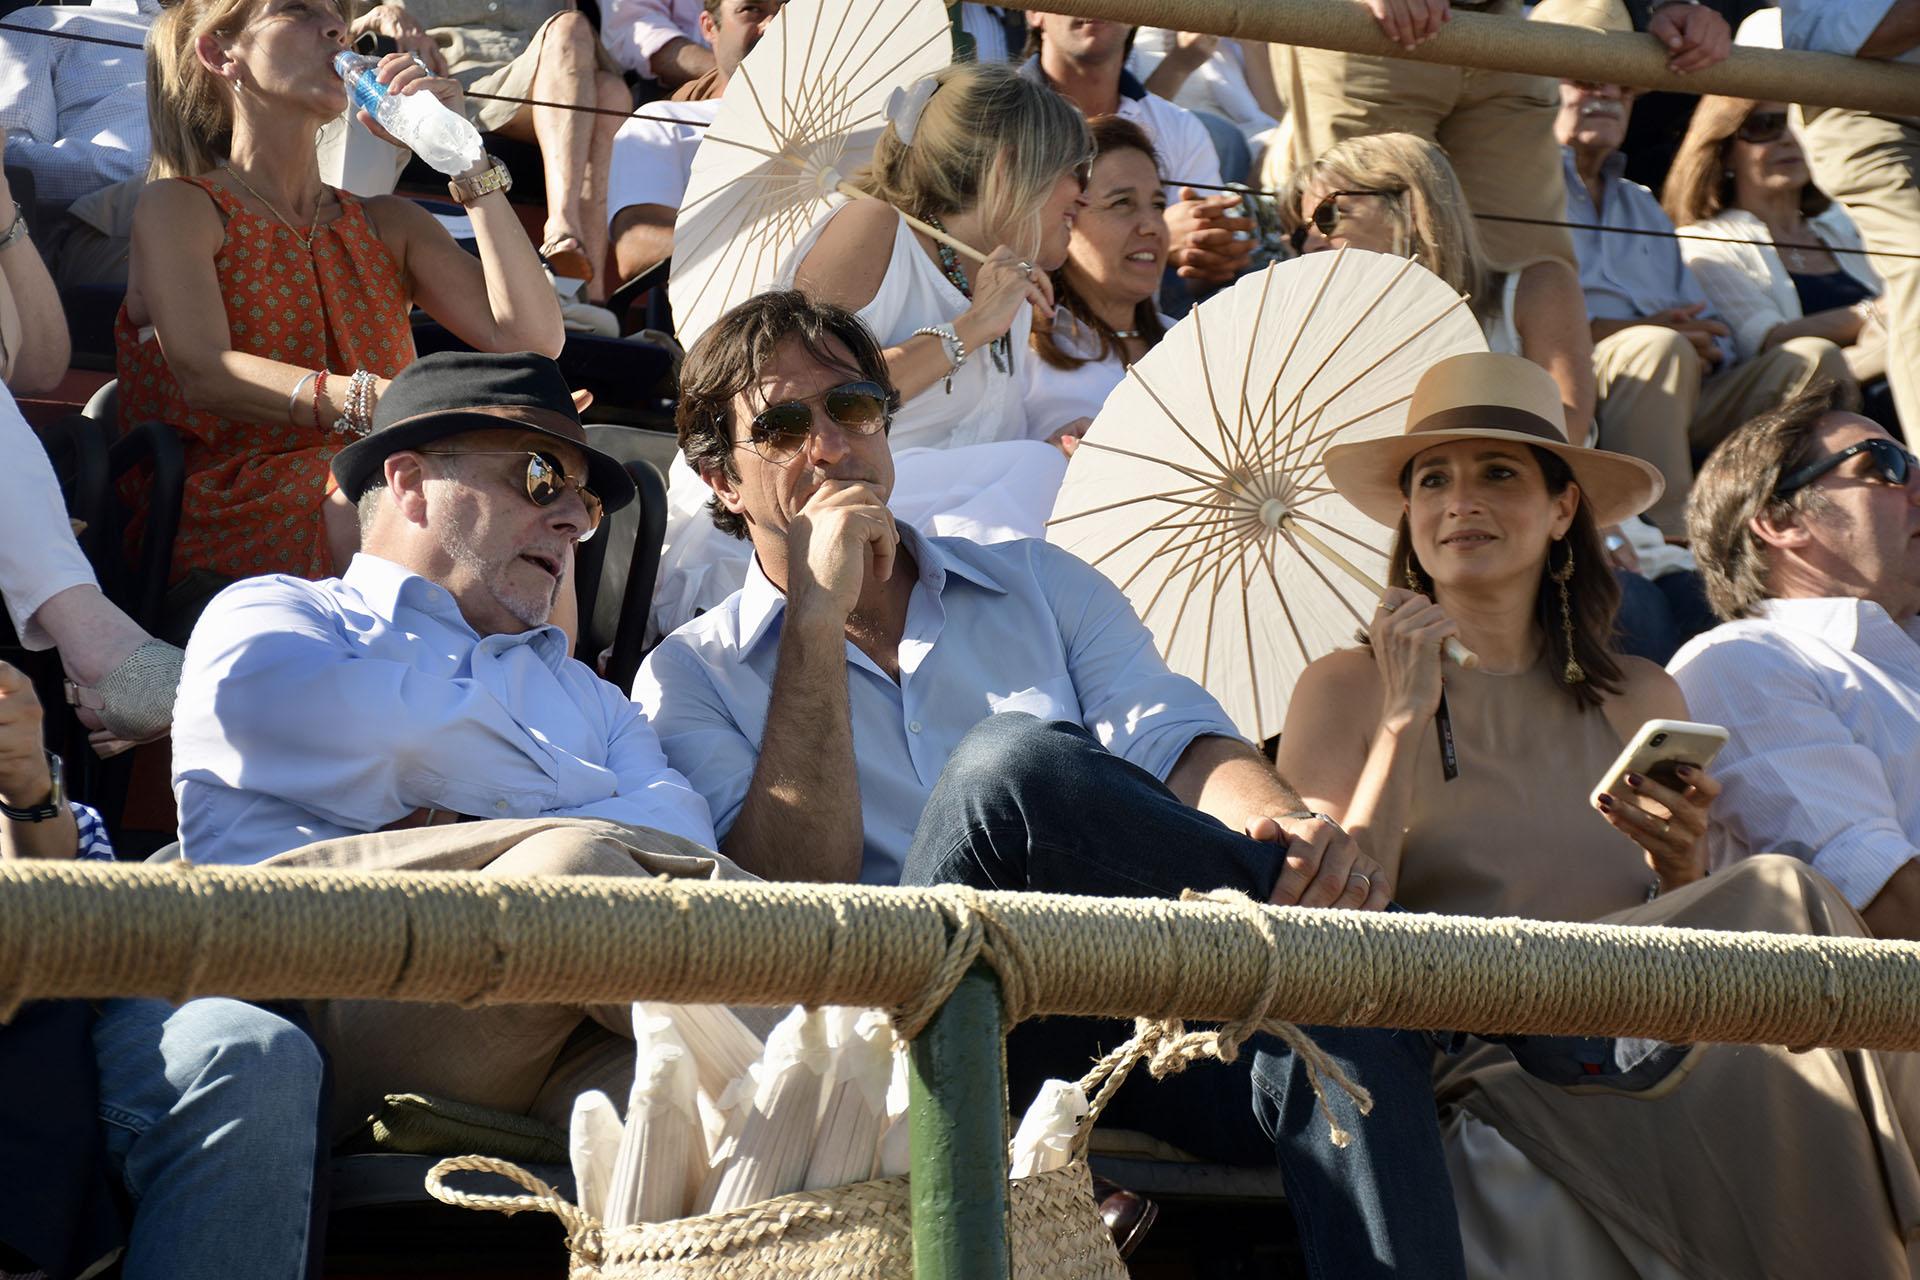 El canciller Jorge Faurie junto al presidente de la Asociación Argentina de Polo, Eduardo Novillo Astrada, y su mujer Astrid Muñoz